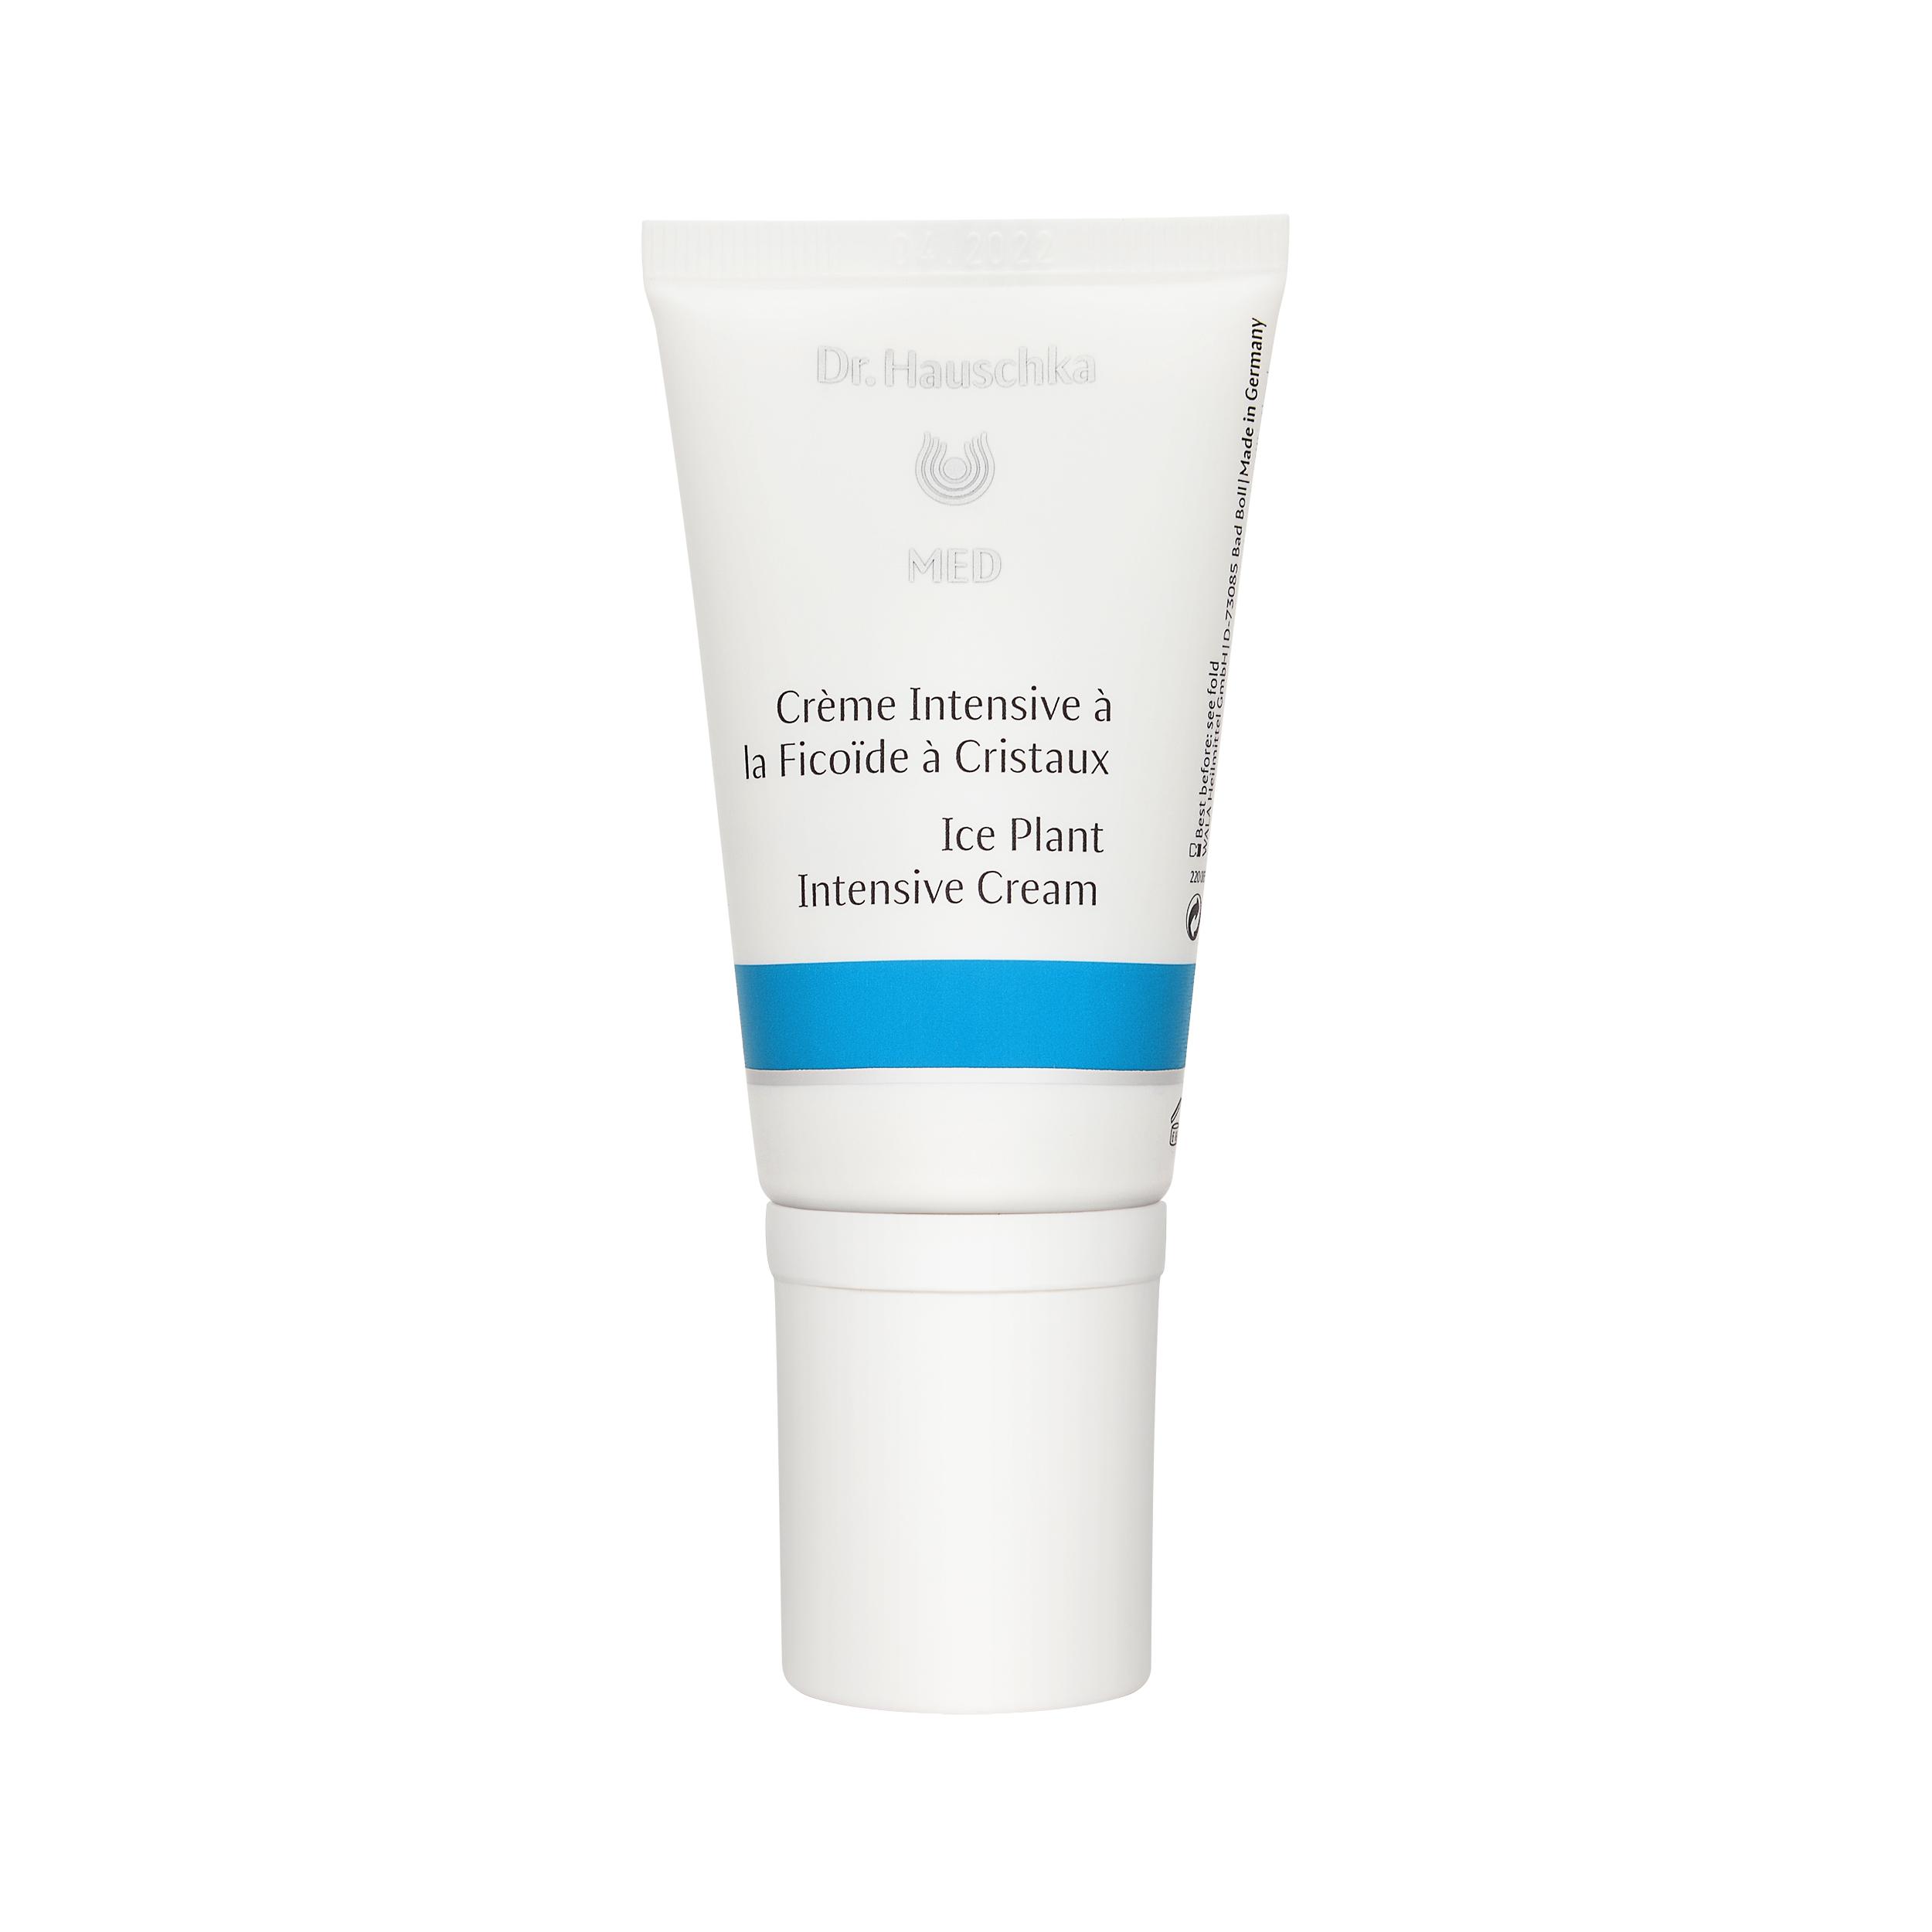 Dr. Hauschka Med Skin Intensive Ice Plant Cream Med Skin 1.69oz, 50ml